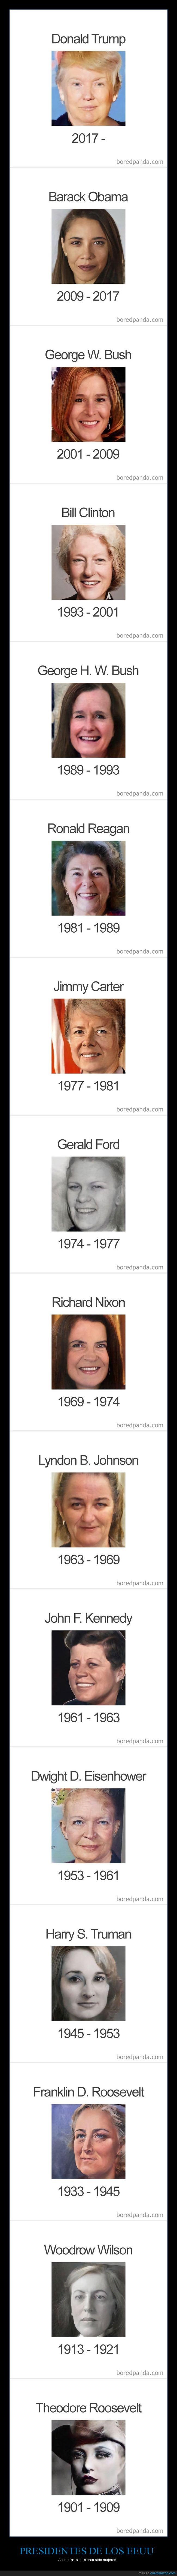 cambio de caras,eeuu,mujeres,presidentes